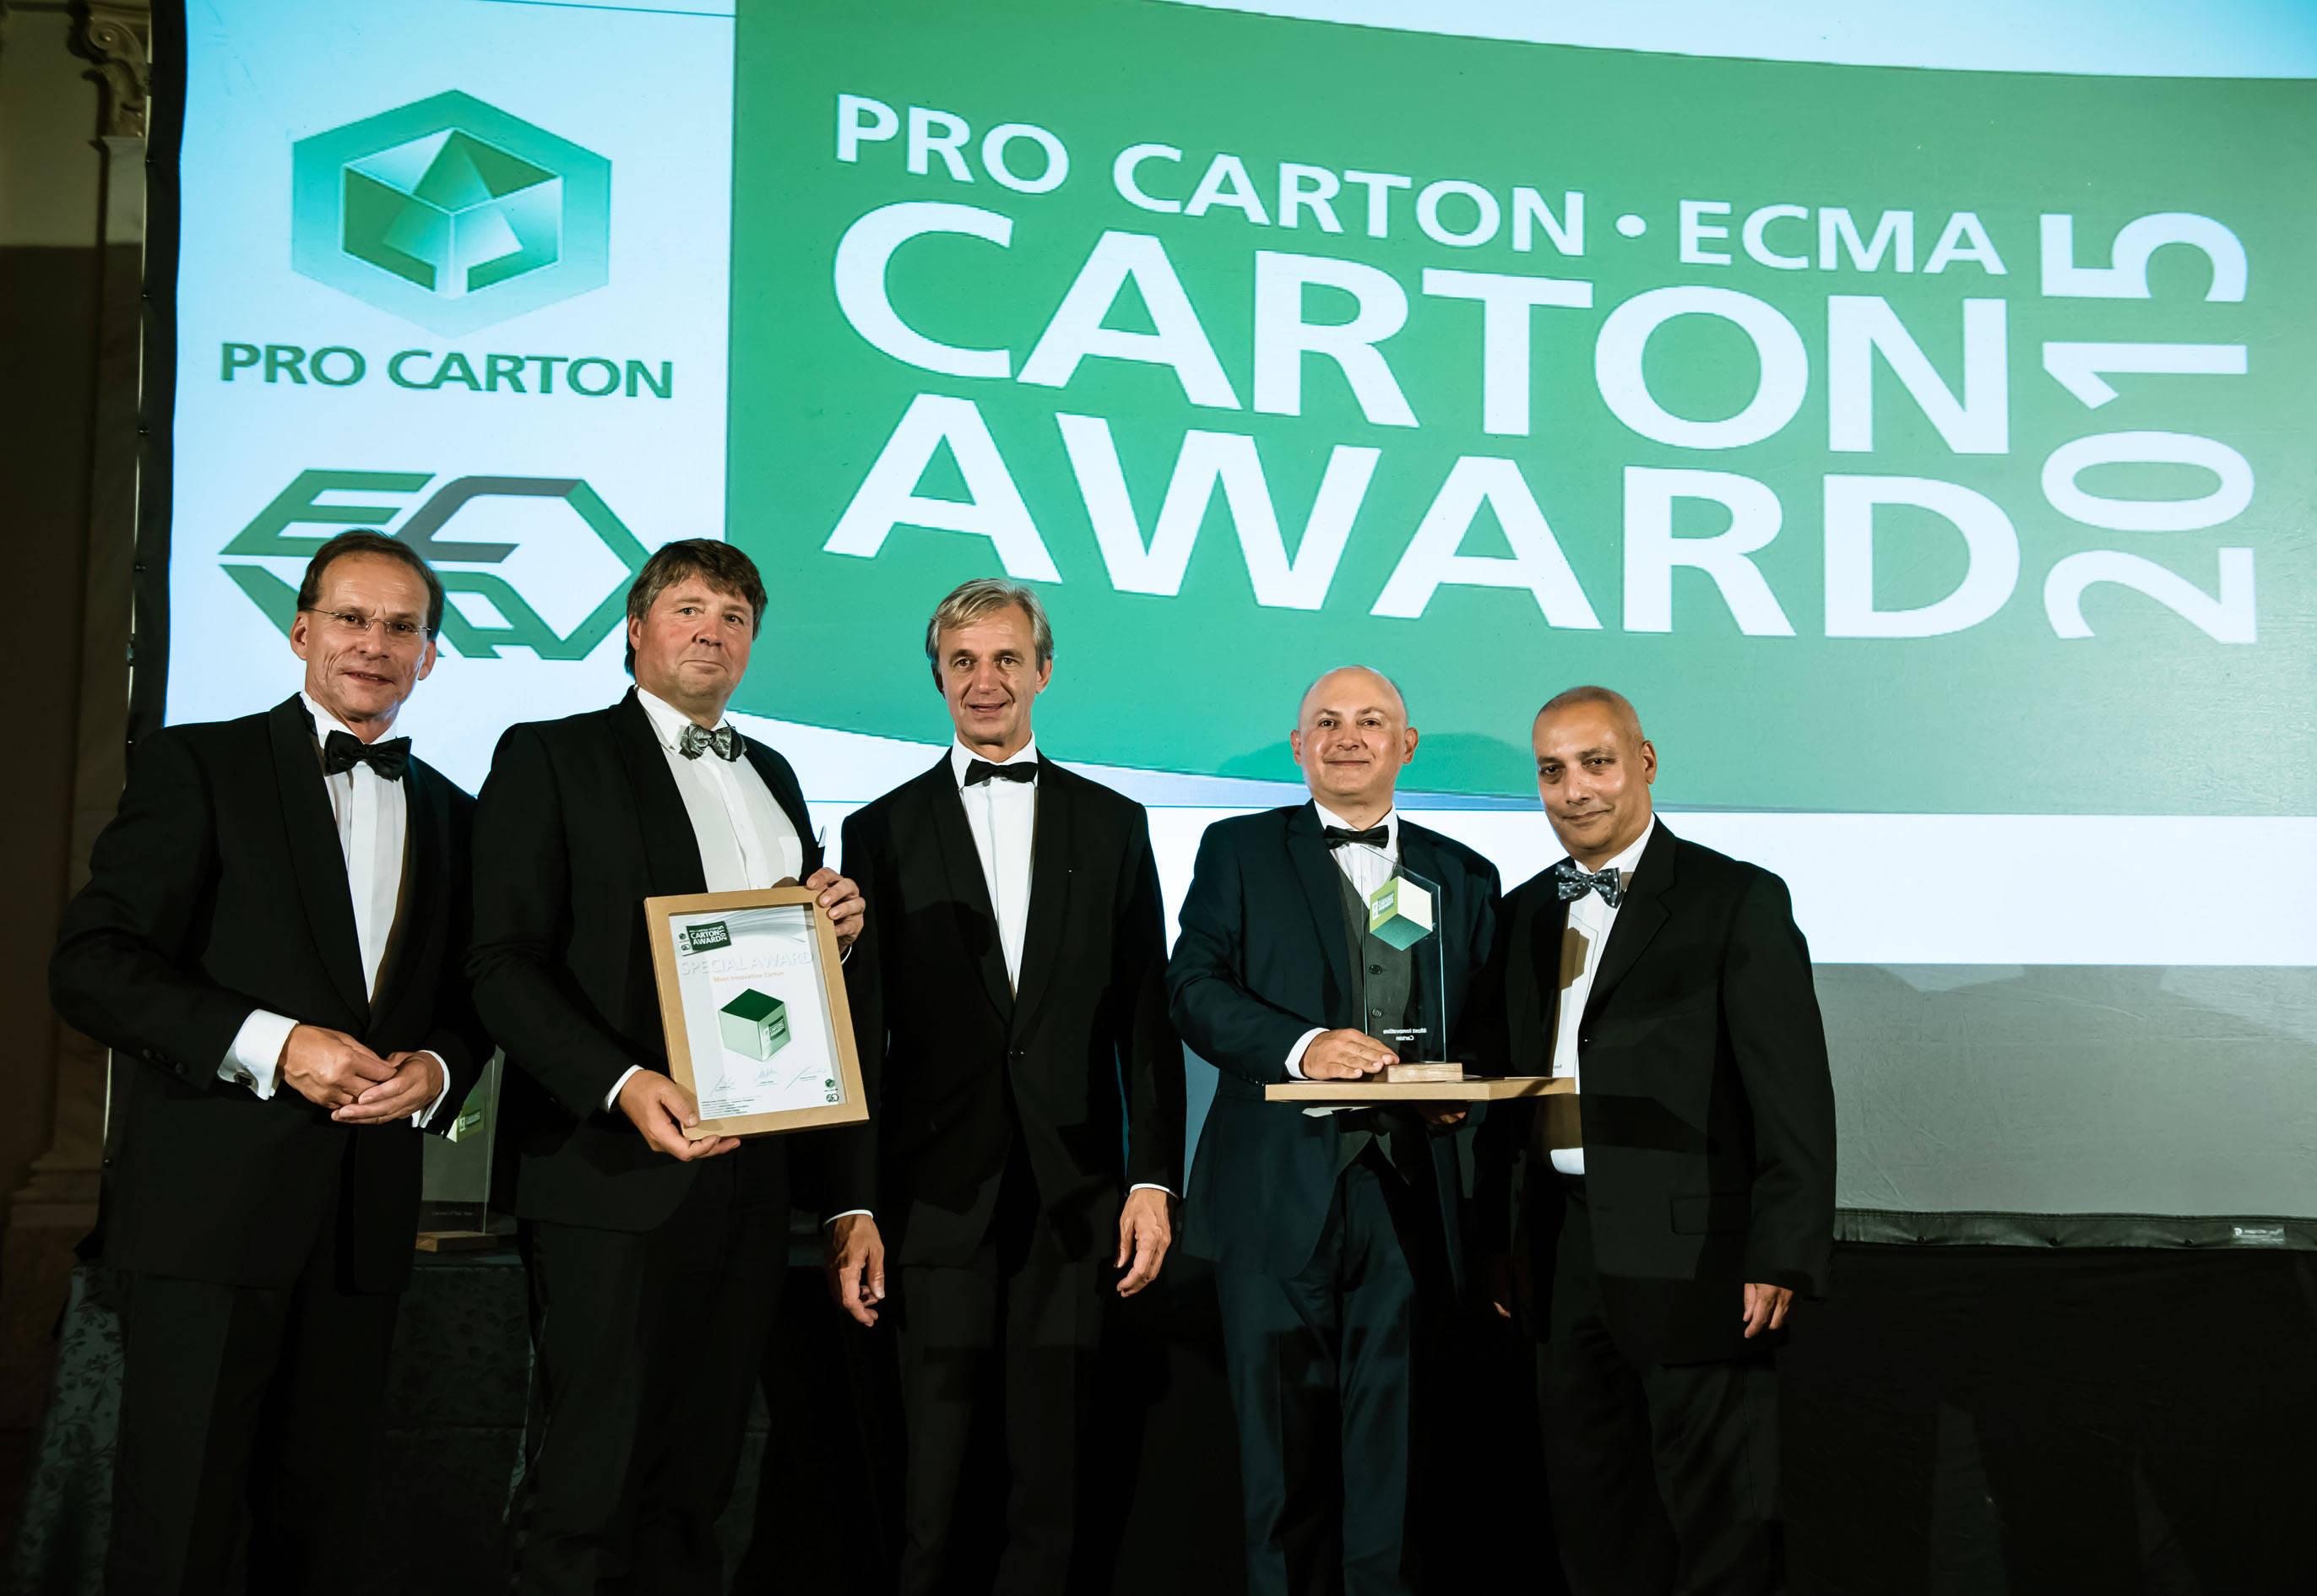 Pro Carton ECMA Award Gala 2015 87